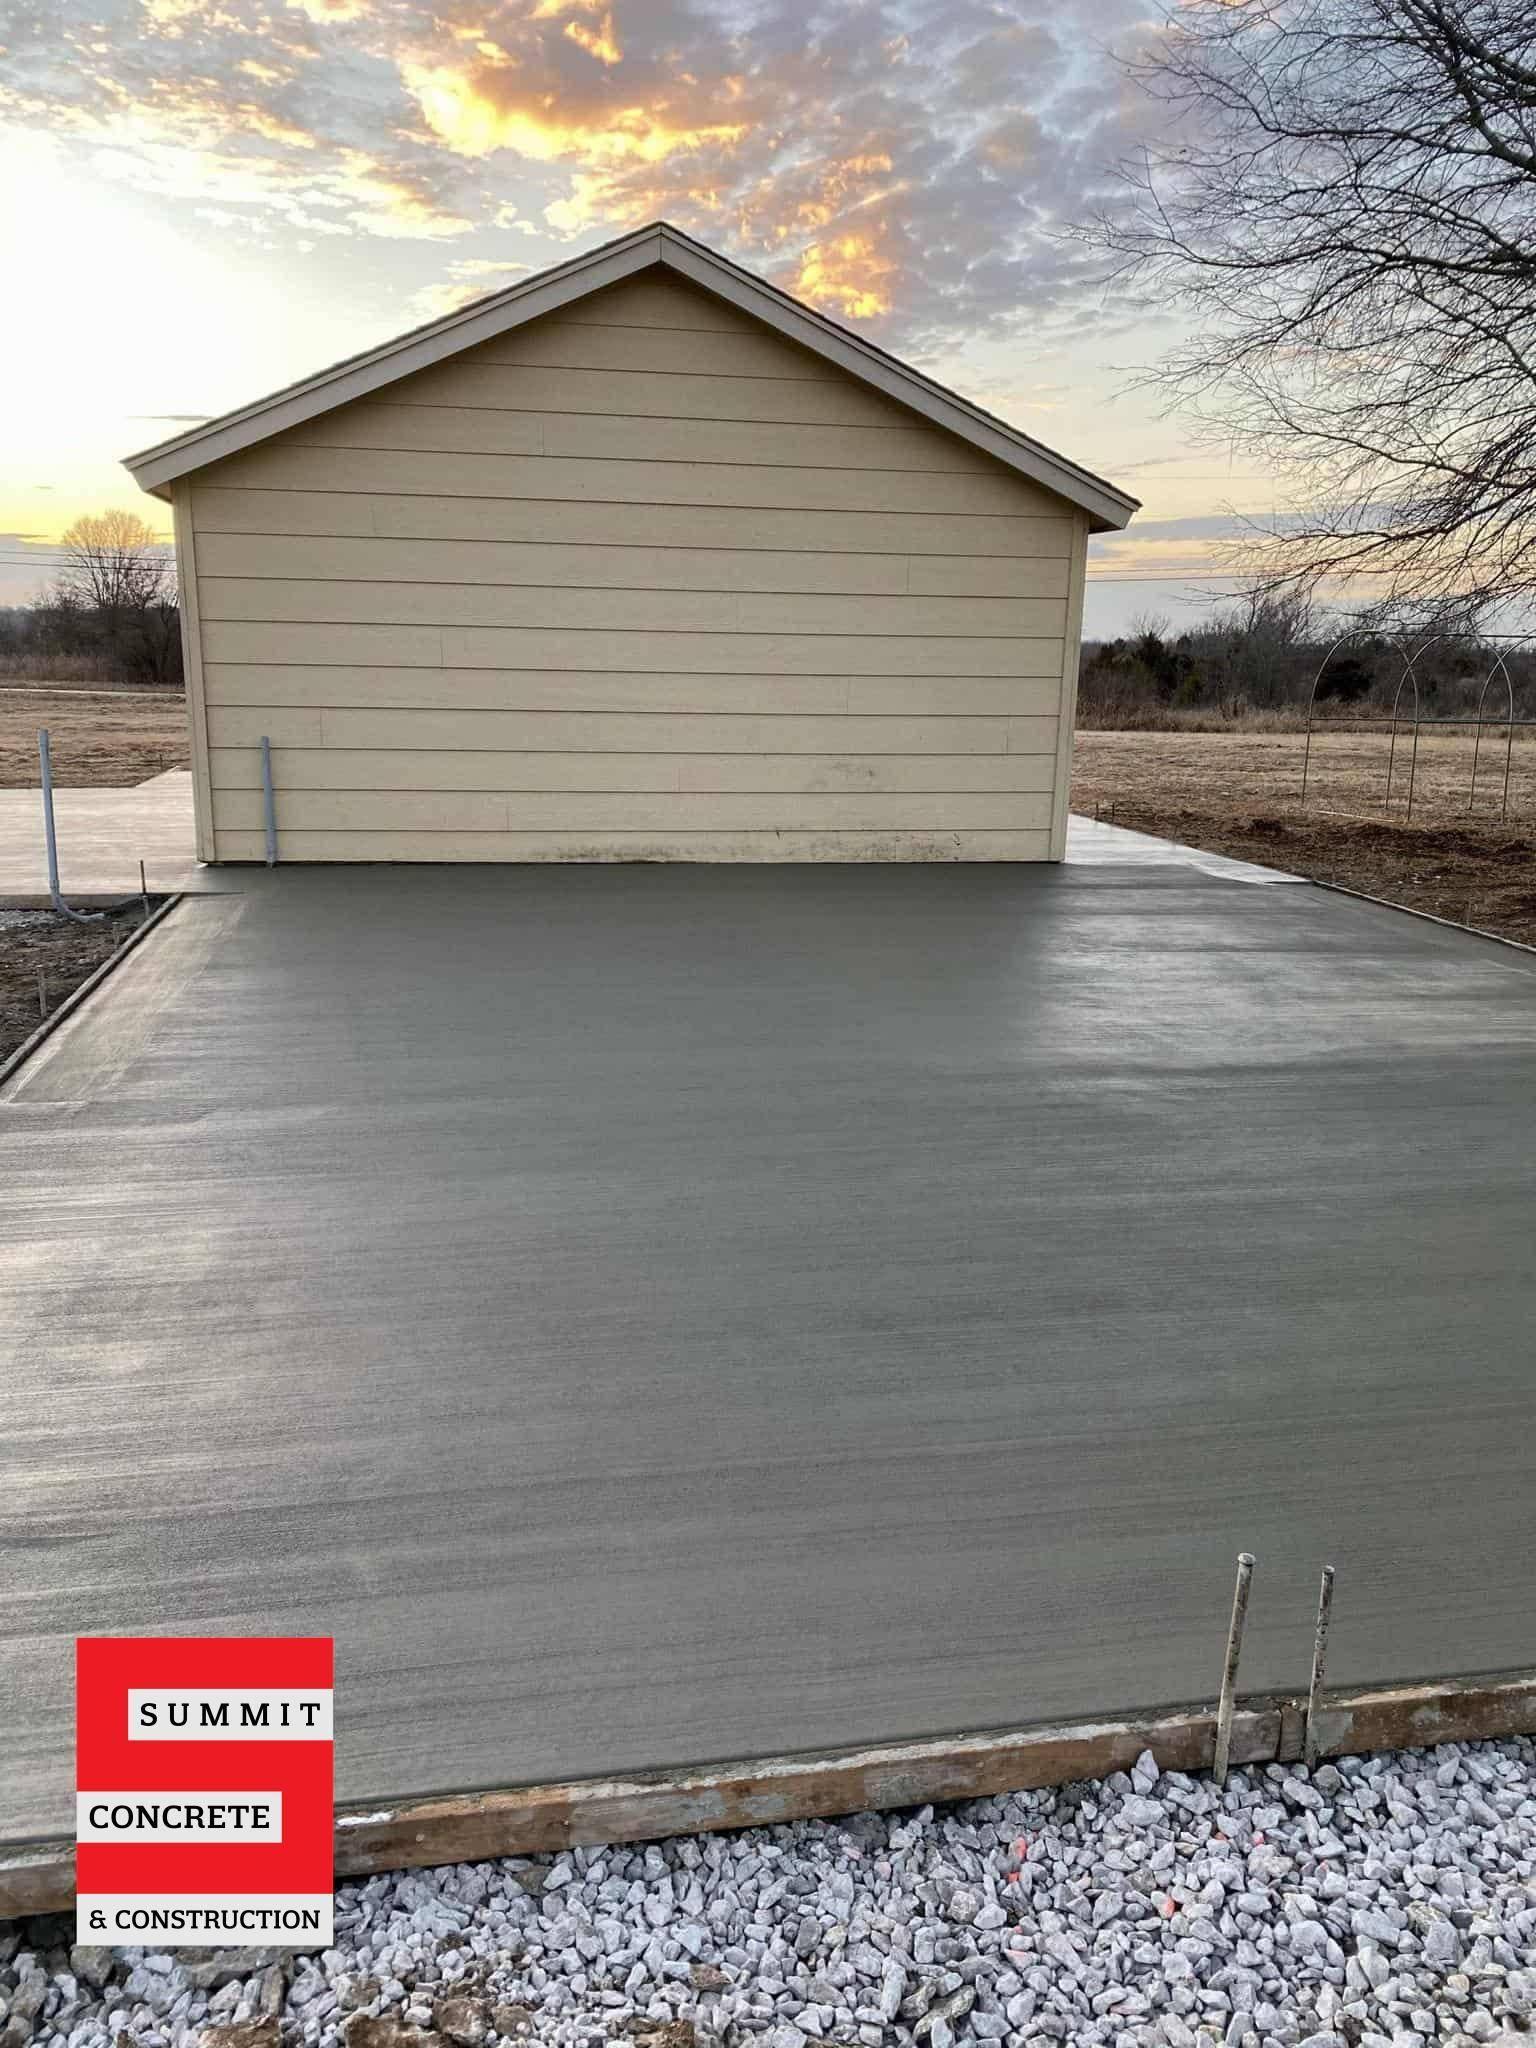 2020 12 28 Tulsa concrete sidewalk IMG 7670 scaled